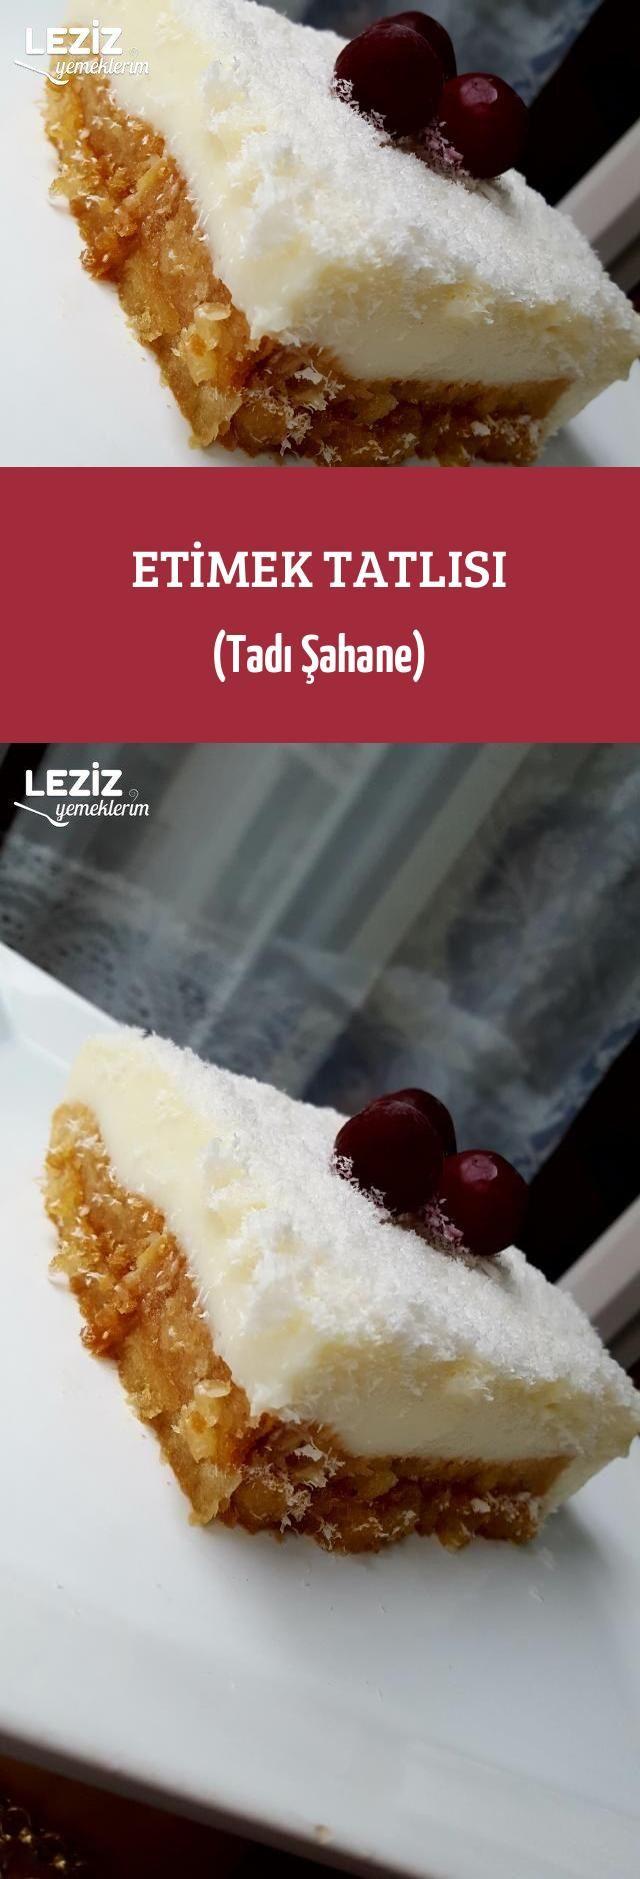 Bisküvili Etimek Tatlısı Tarifi Videosu